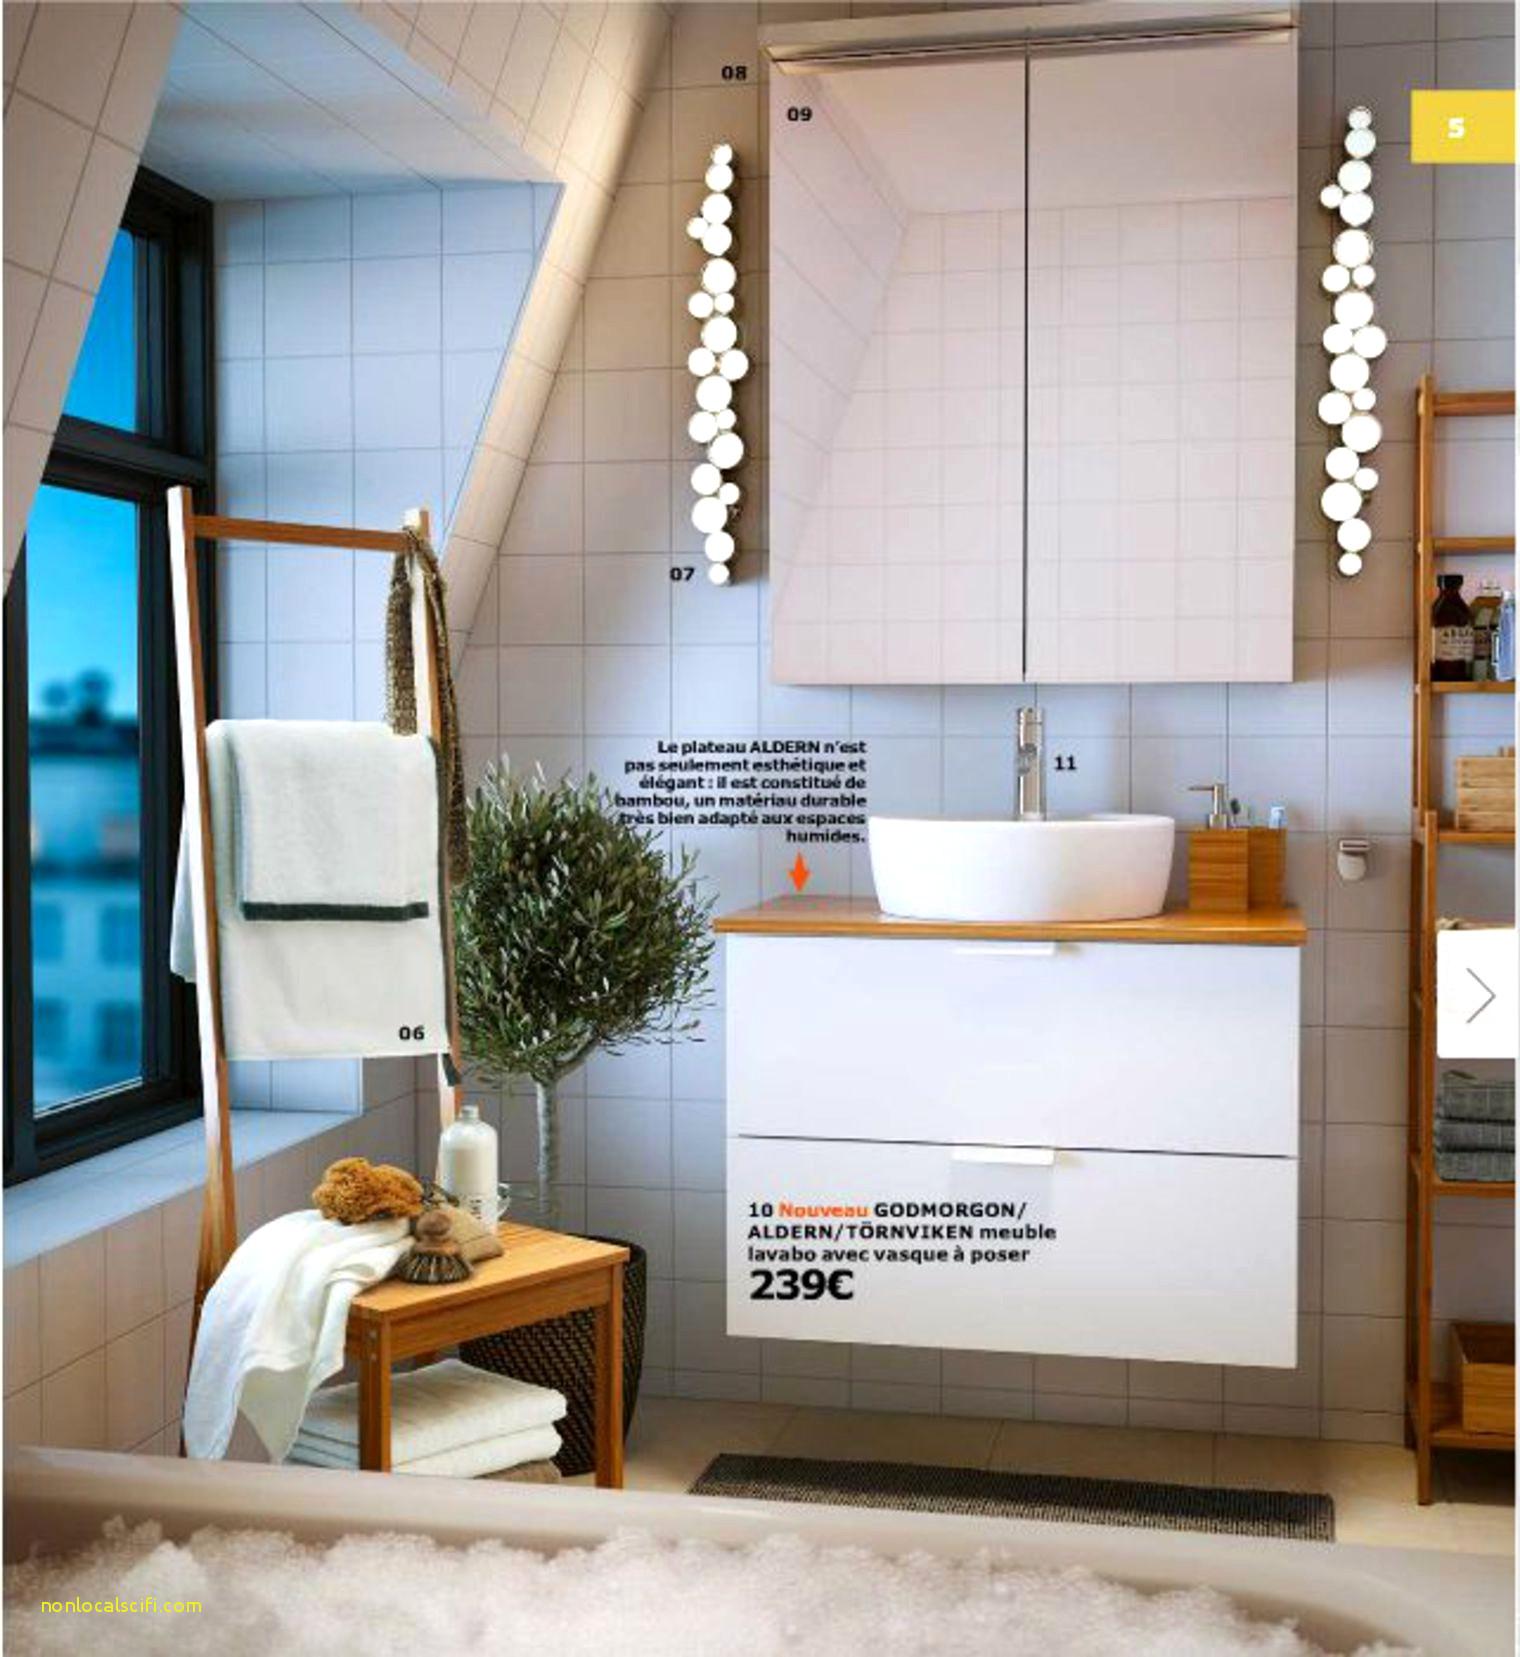 Salles De Bains Ikea Luxe Photos Résultat Supérieur Applique Sdb Frais 23 Luxe Luminaire Salle De